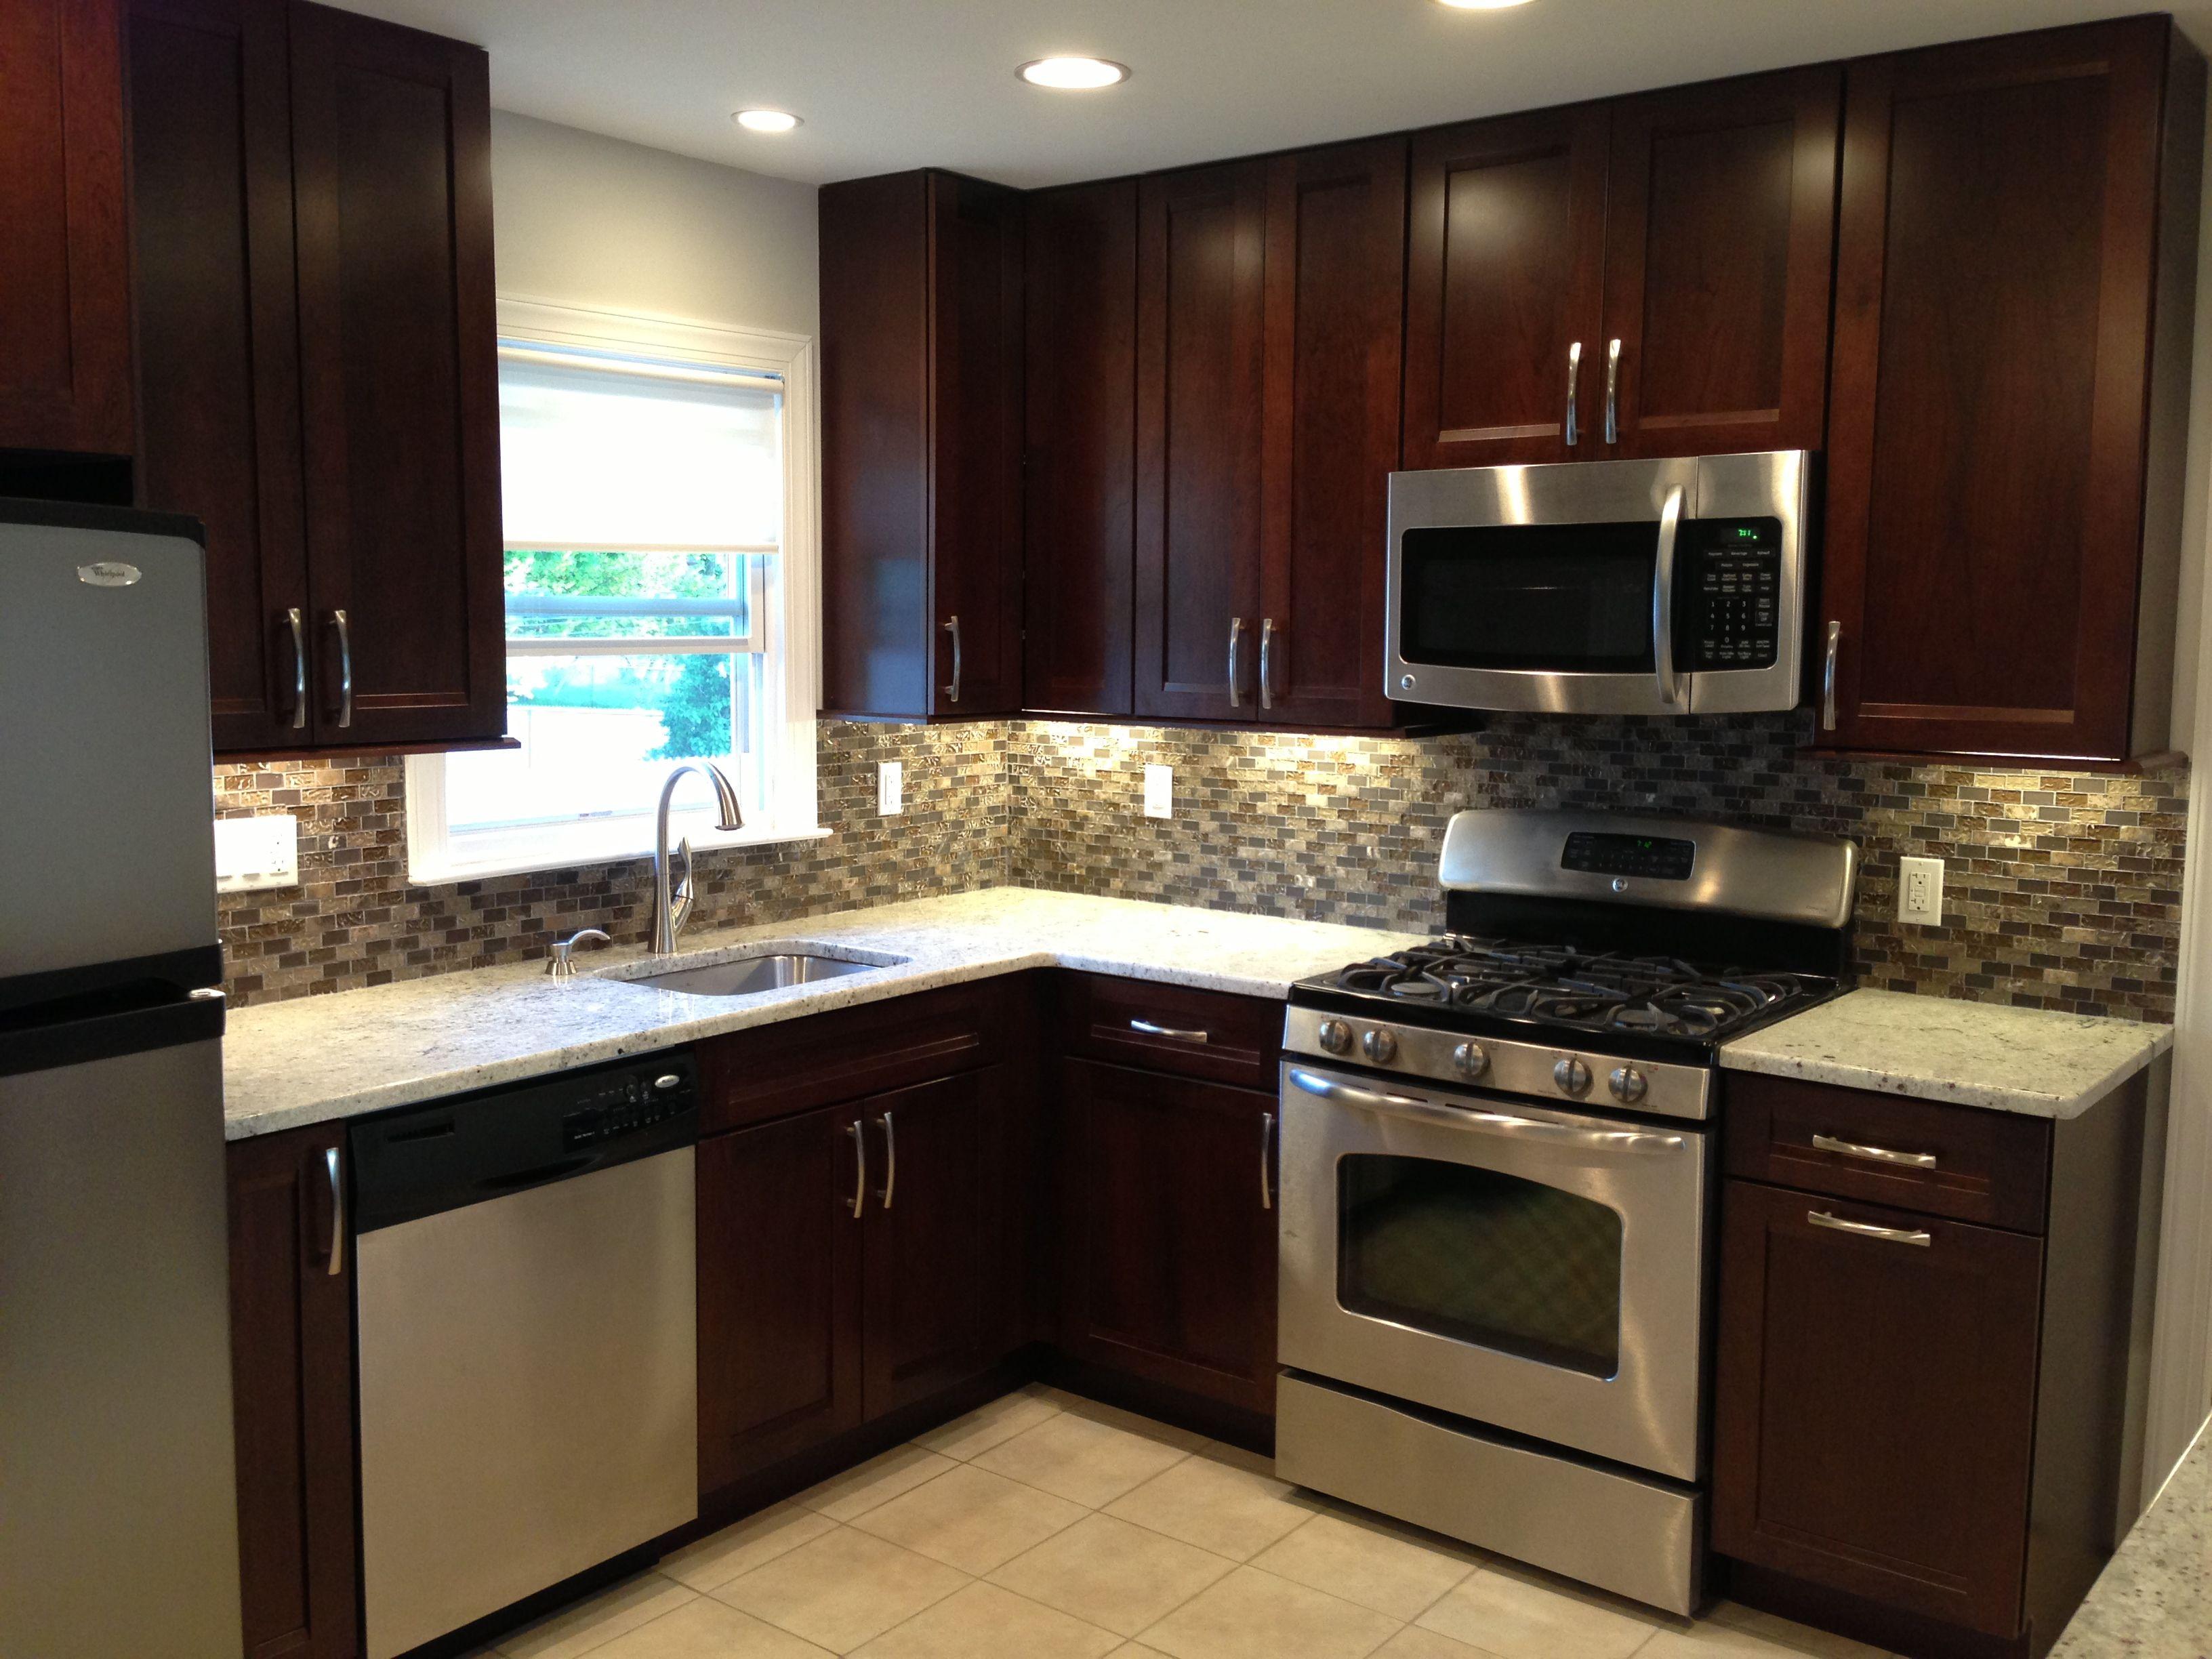 Kitchen Remodel Dark Cabinets Backsplash Stainless Steel